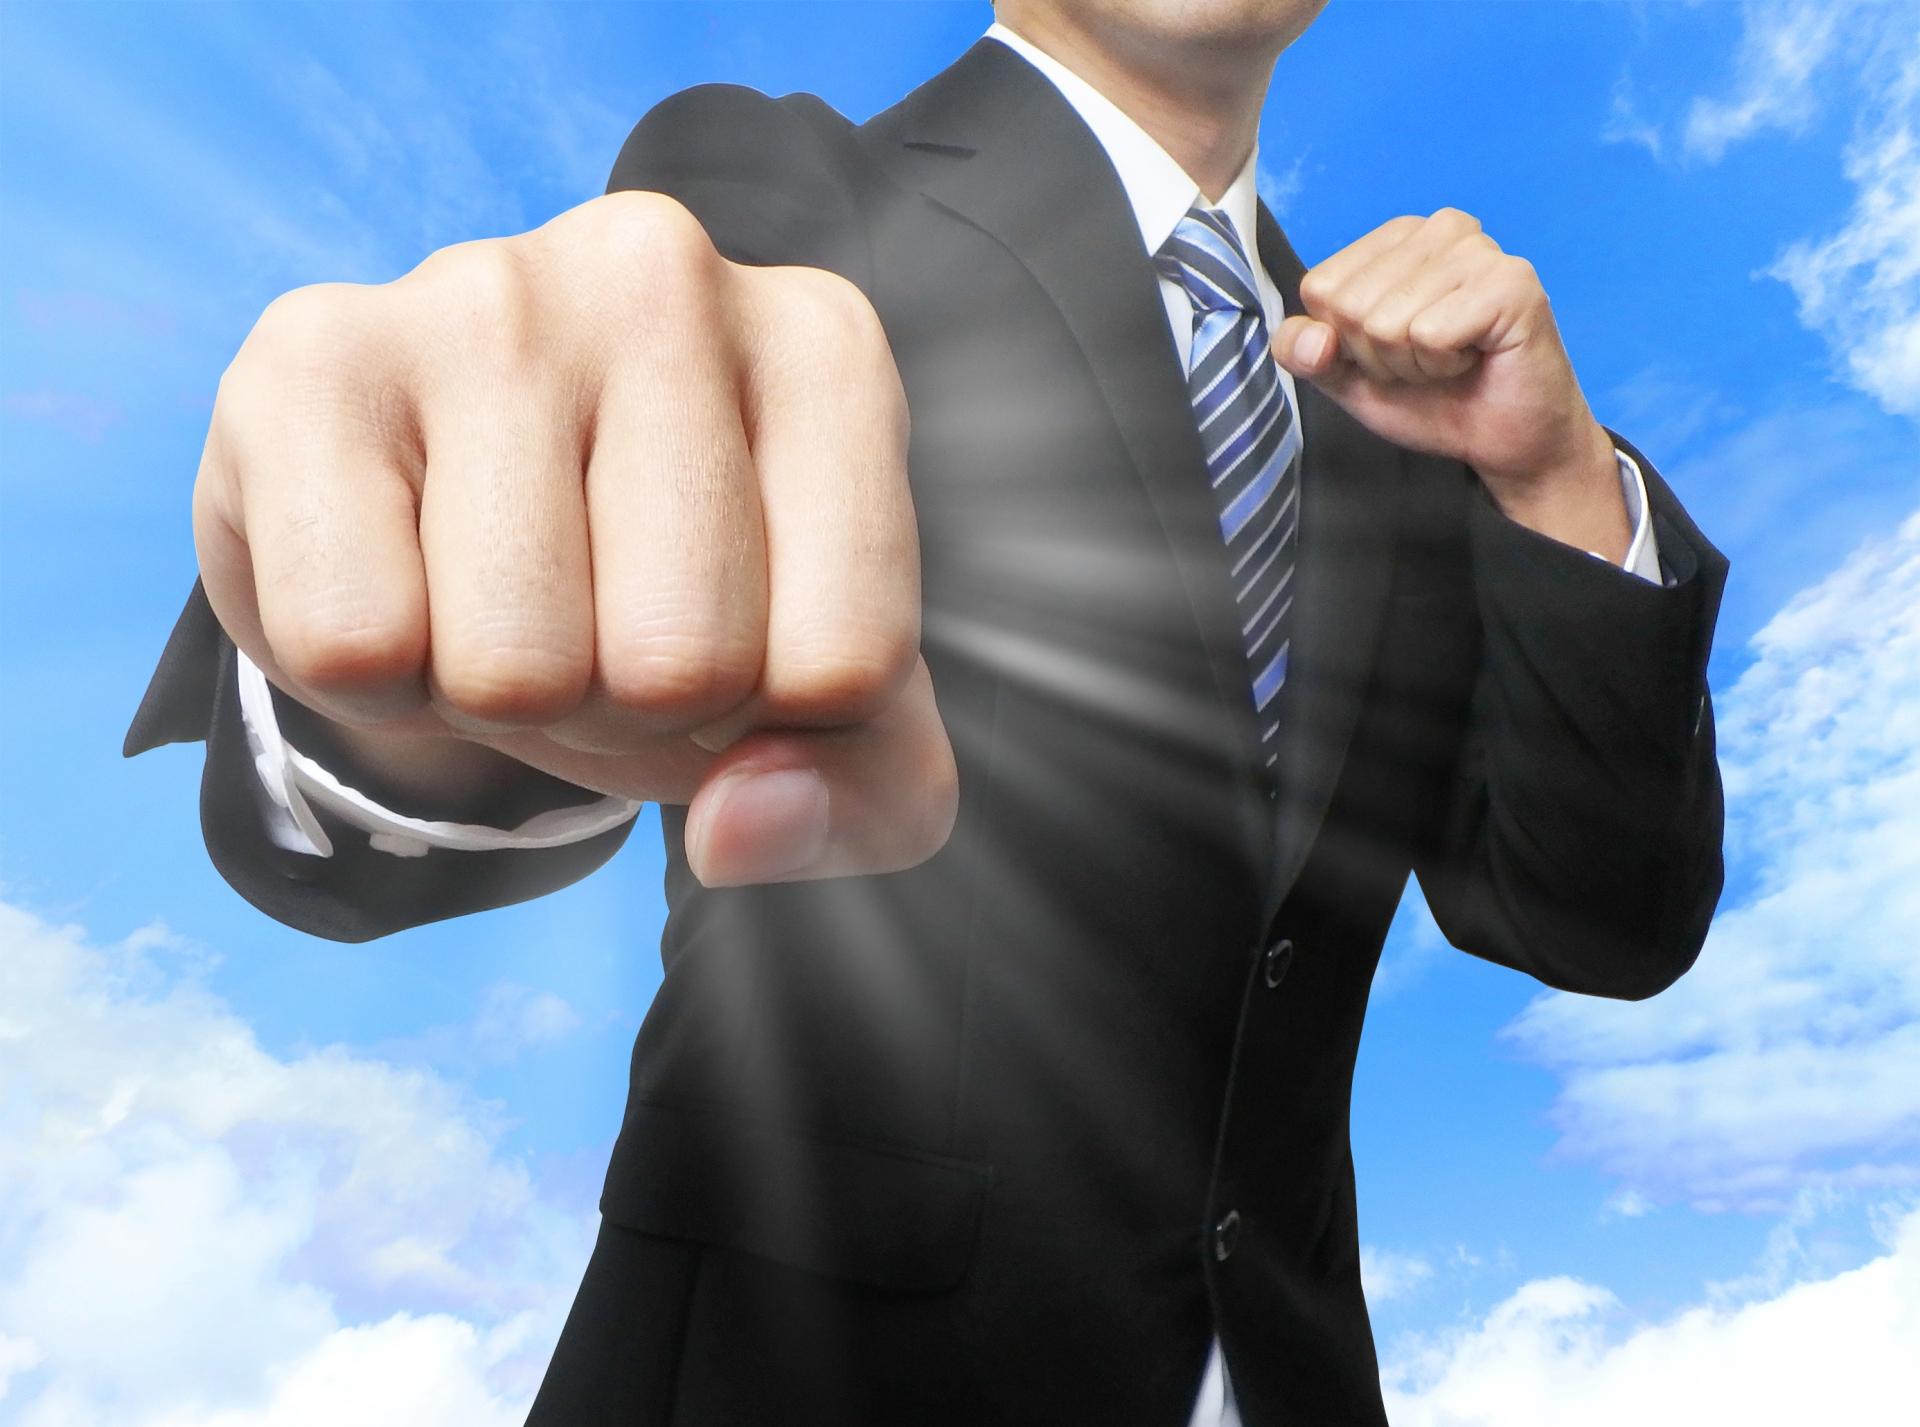 副業解禁が企業で進まない理由を暴露|解禁率が30%以下!?